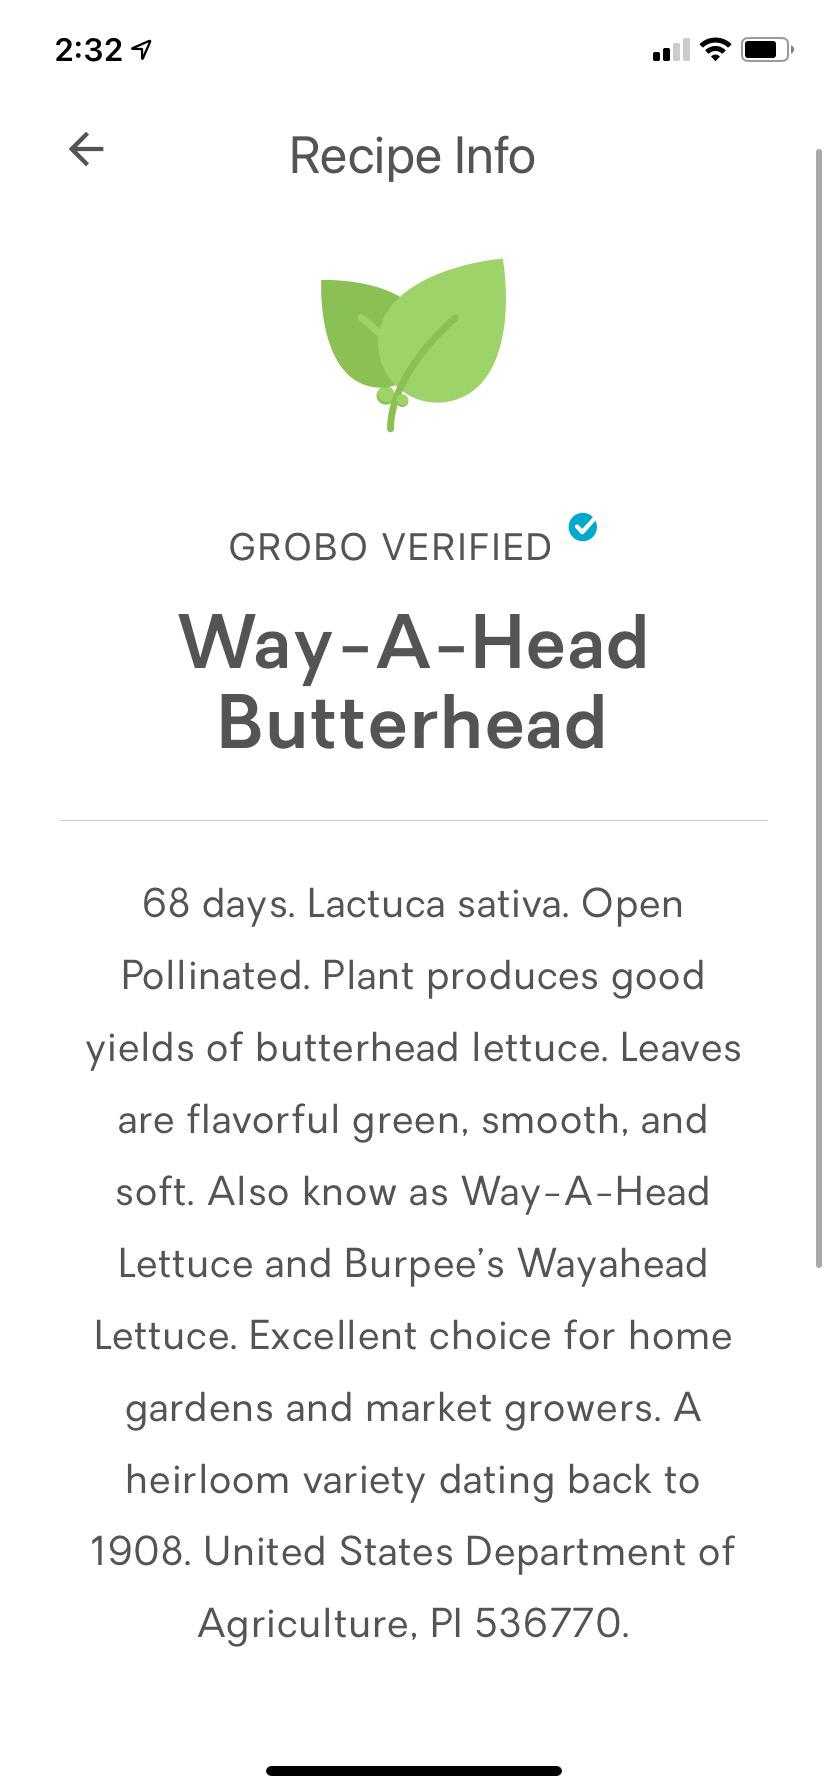 Grobo app Way-A-Head Butterhead lettuce recipe